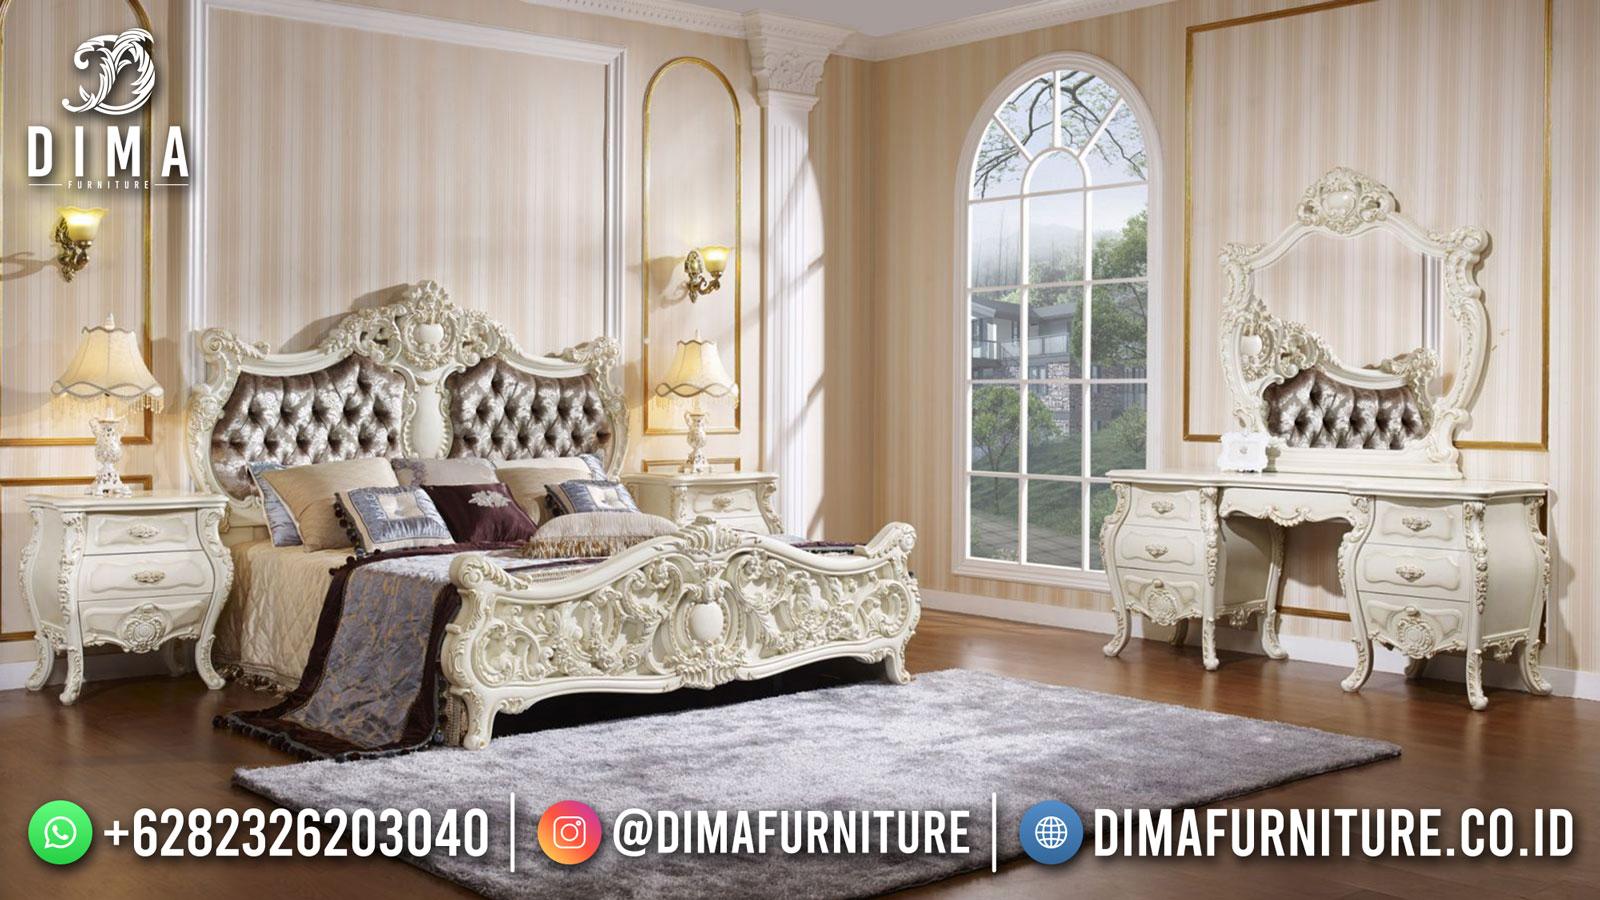 Harga Tempat Tidur Jepara Ukiran Classic Luxury Desain Mewah DF-1596